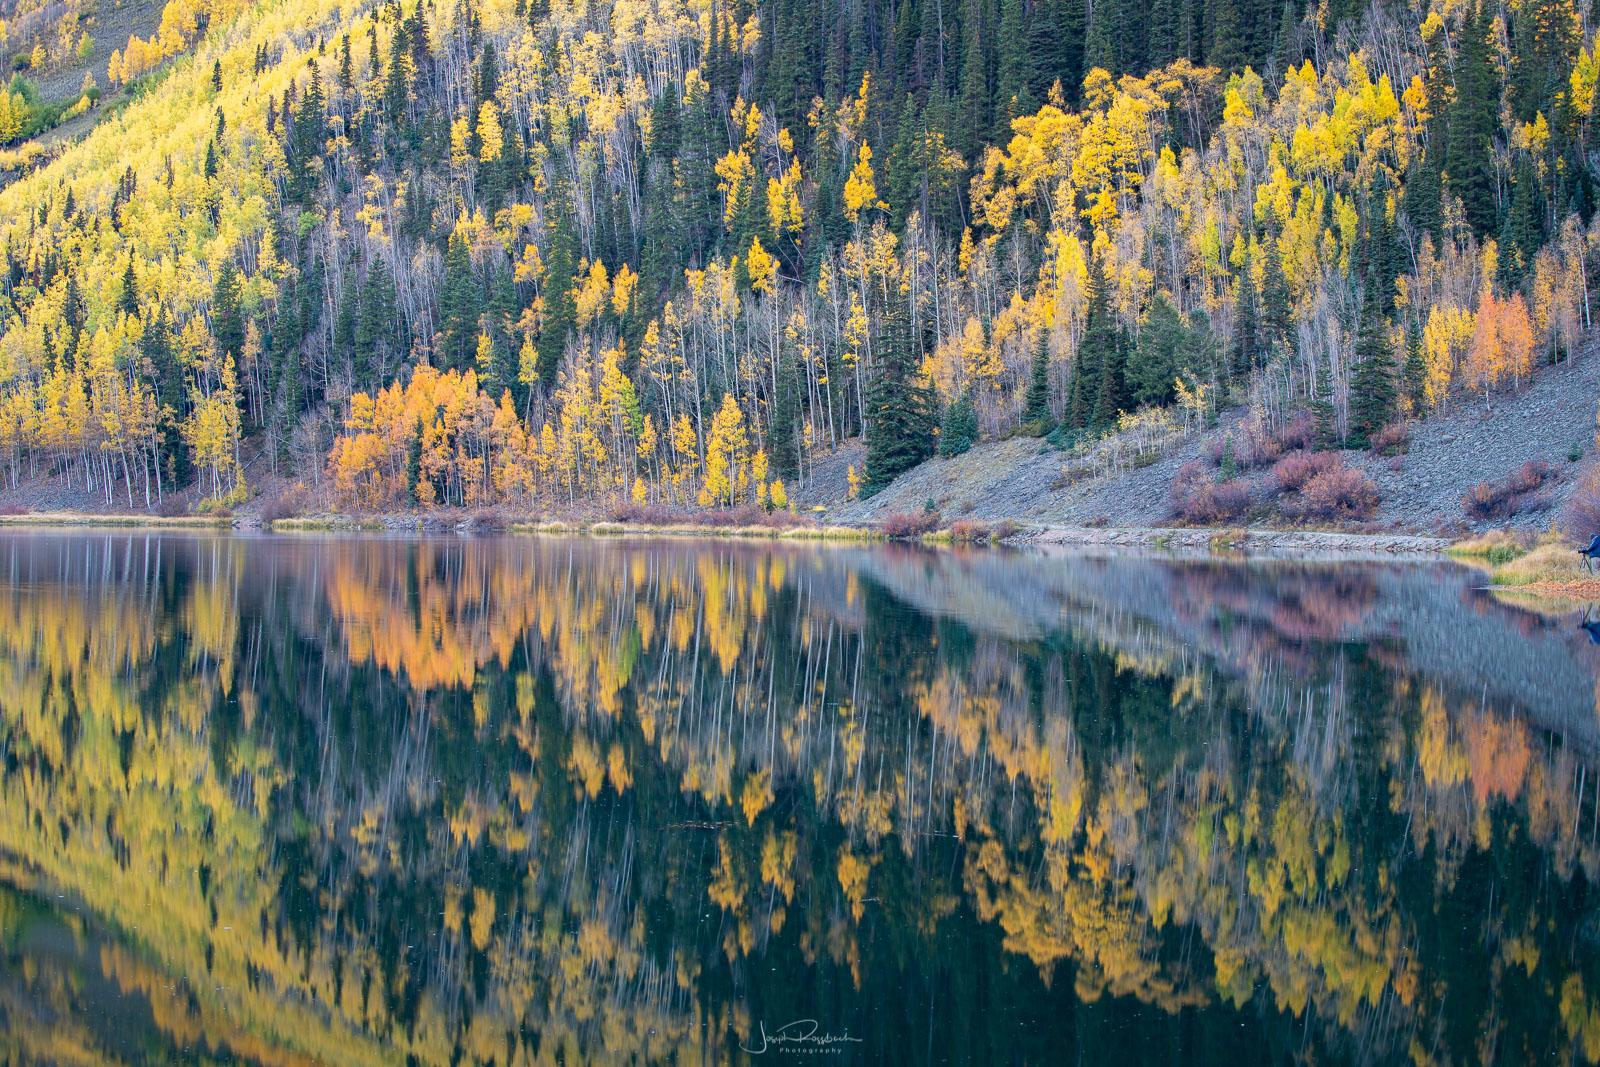 Mirror reflections on Crystal Lake at dawn.